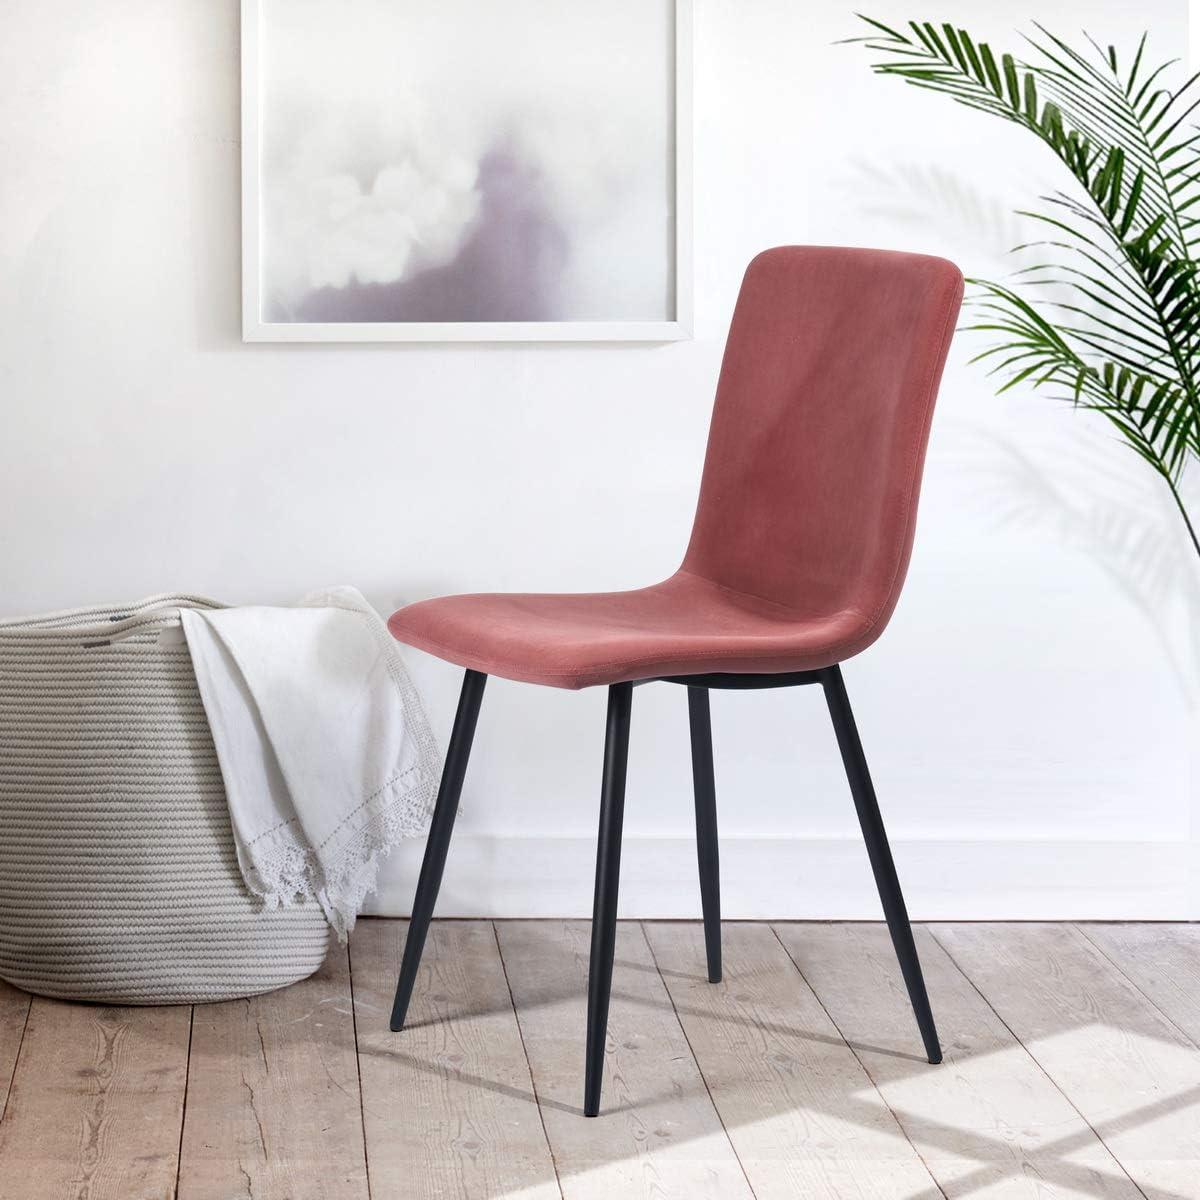 Lot de 4 chaises de salle à manger Scandinave style chaises Fabric Cushion Chaises de cuisine - Rose Rose